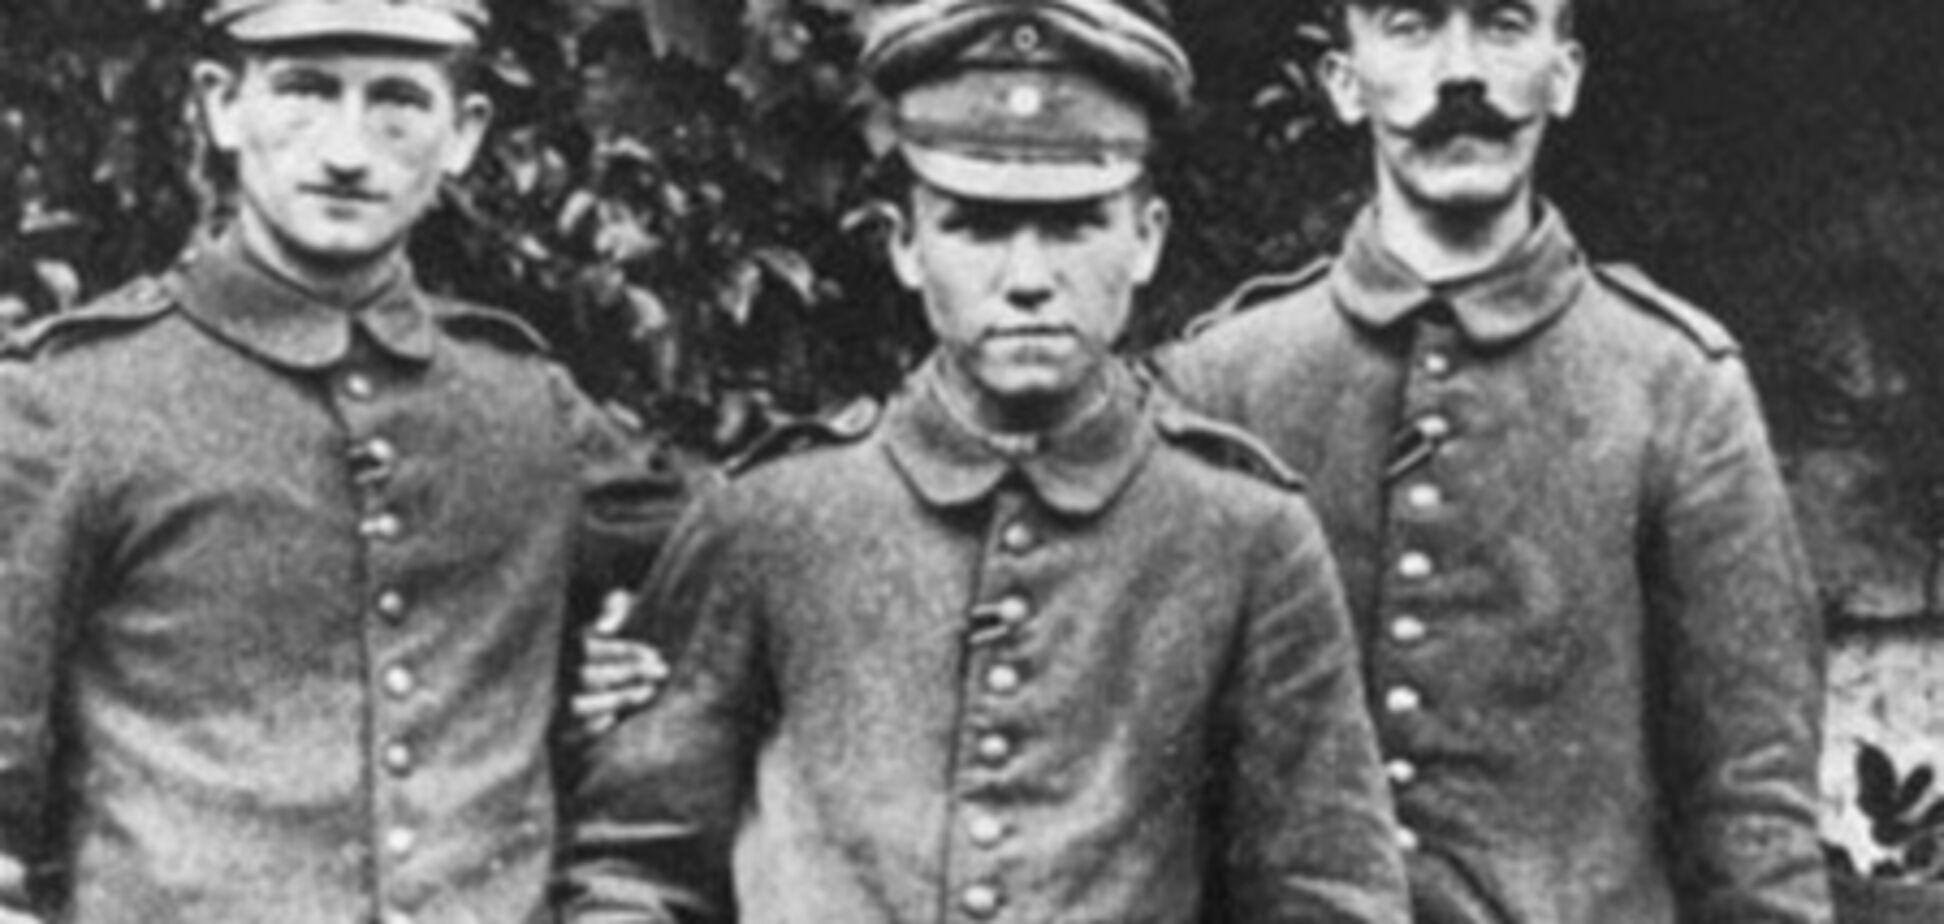 Гітлер під час війни врятував єврея: виявлений документ